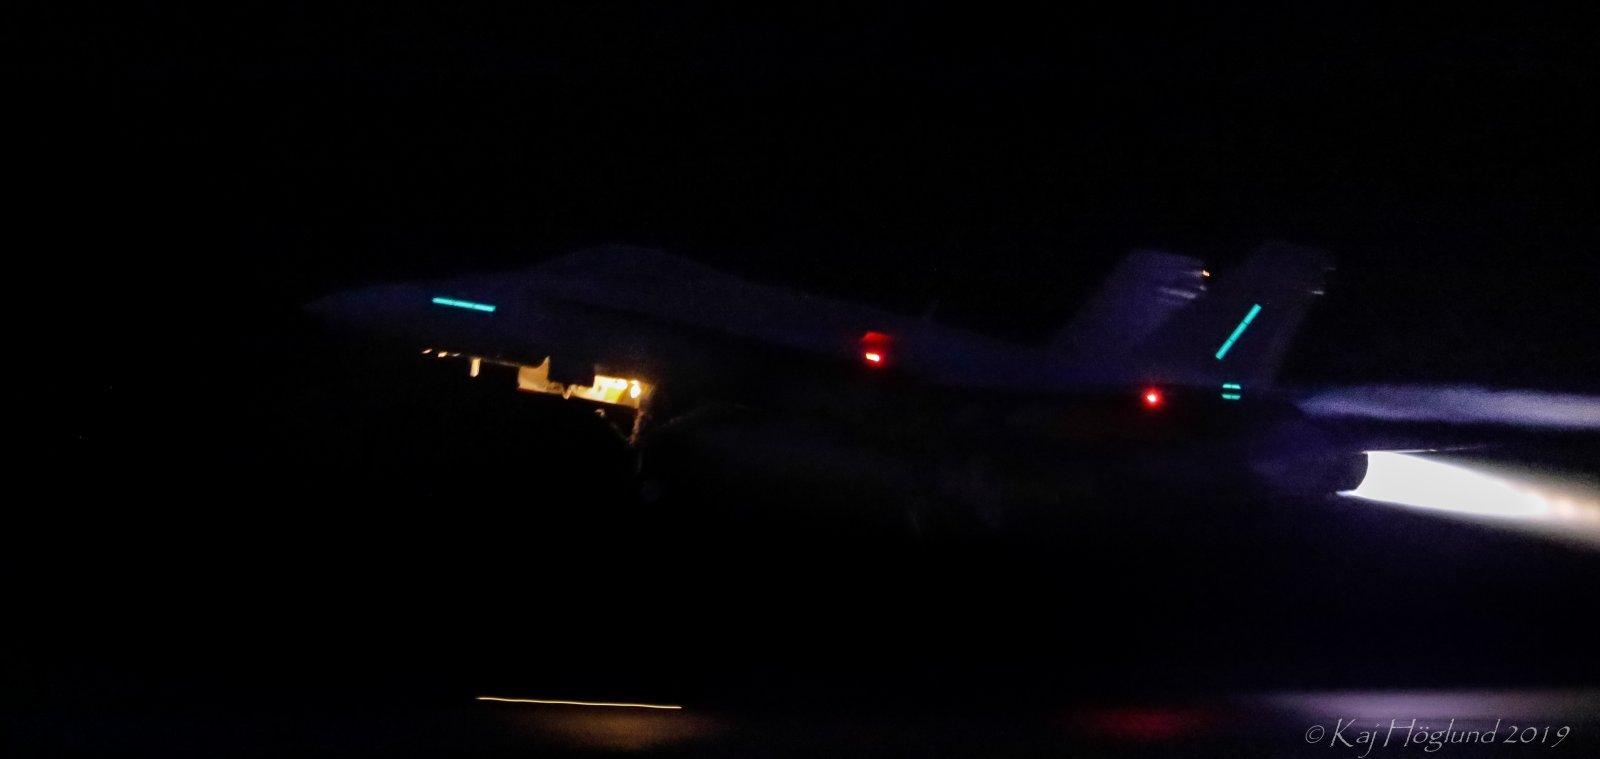 McDonnell Douglas F-18C Hornet nousussa